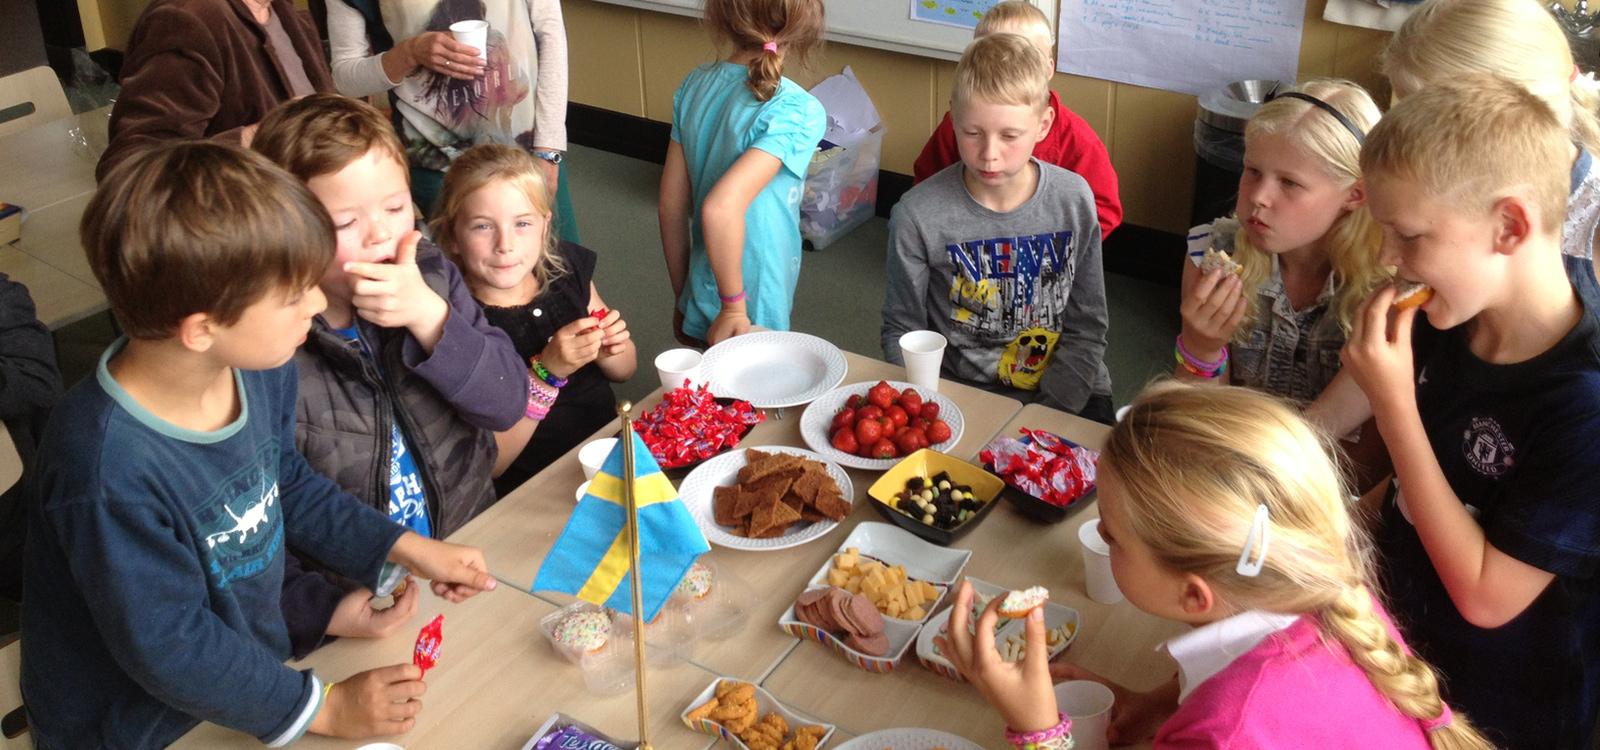 <div class='slider_caption'> <h1>Vi får stöd från Svensk Utlandsundervisnings Förening </h1><a class='slider-readmore' href='http://www.suf.c.se'>kompletterande undervisning</a> </div>